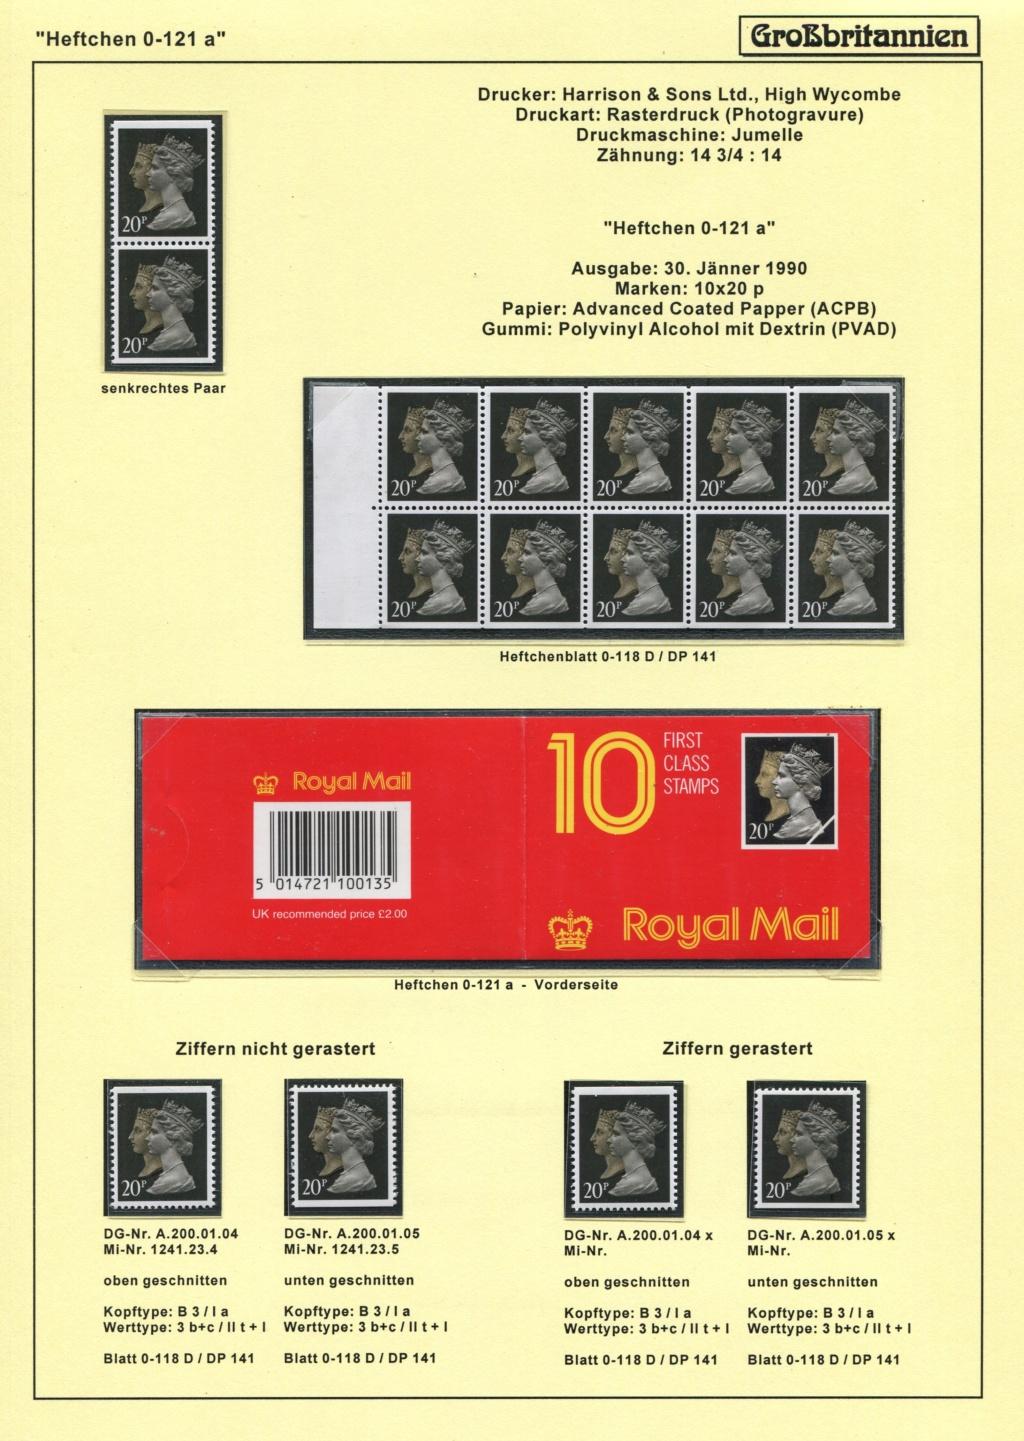 Großbritannien - 150 Jahre Briefmarken Black_24